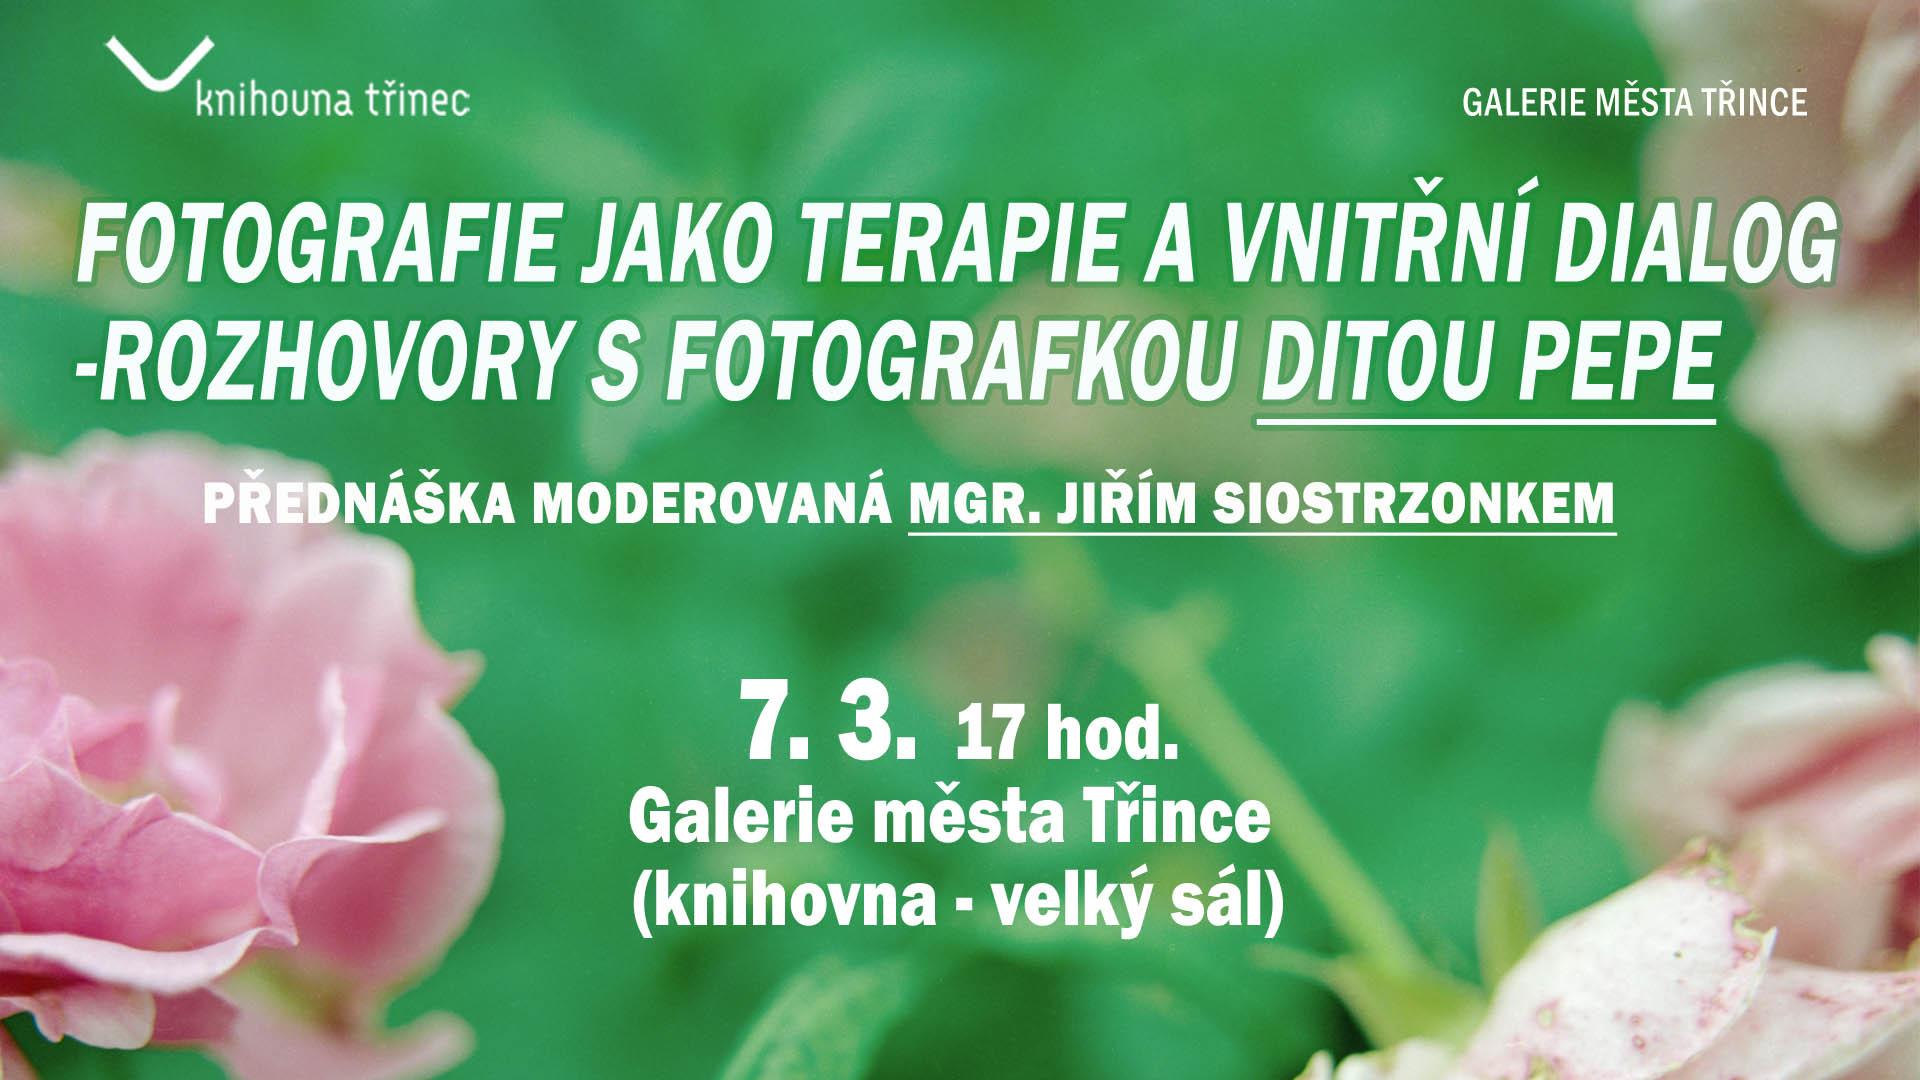 Fotografie jako terapie a vnitřní dialog – rozhovory s fotografkou Ditou Pepe